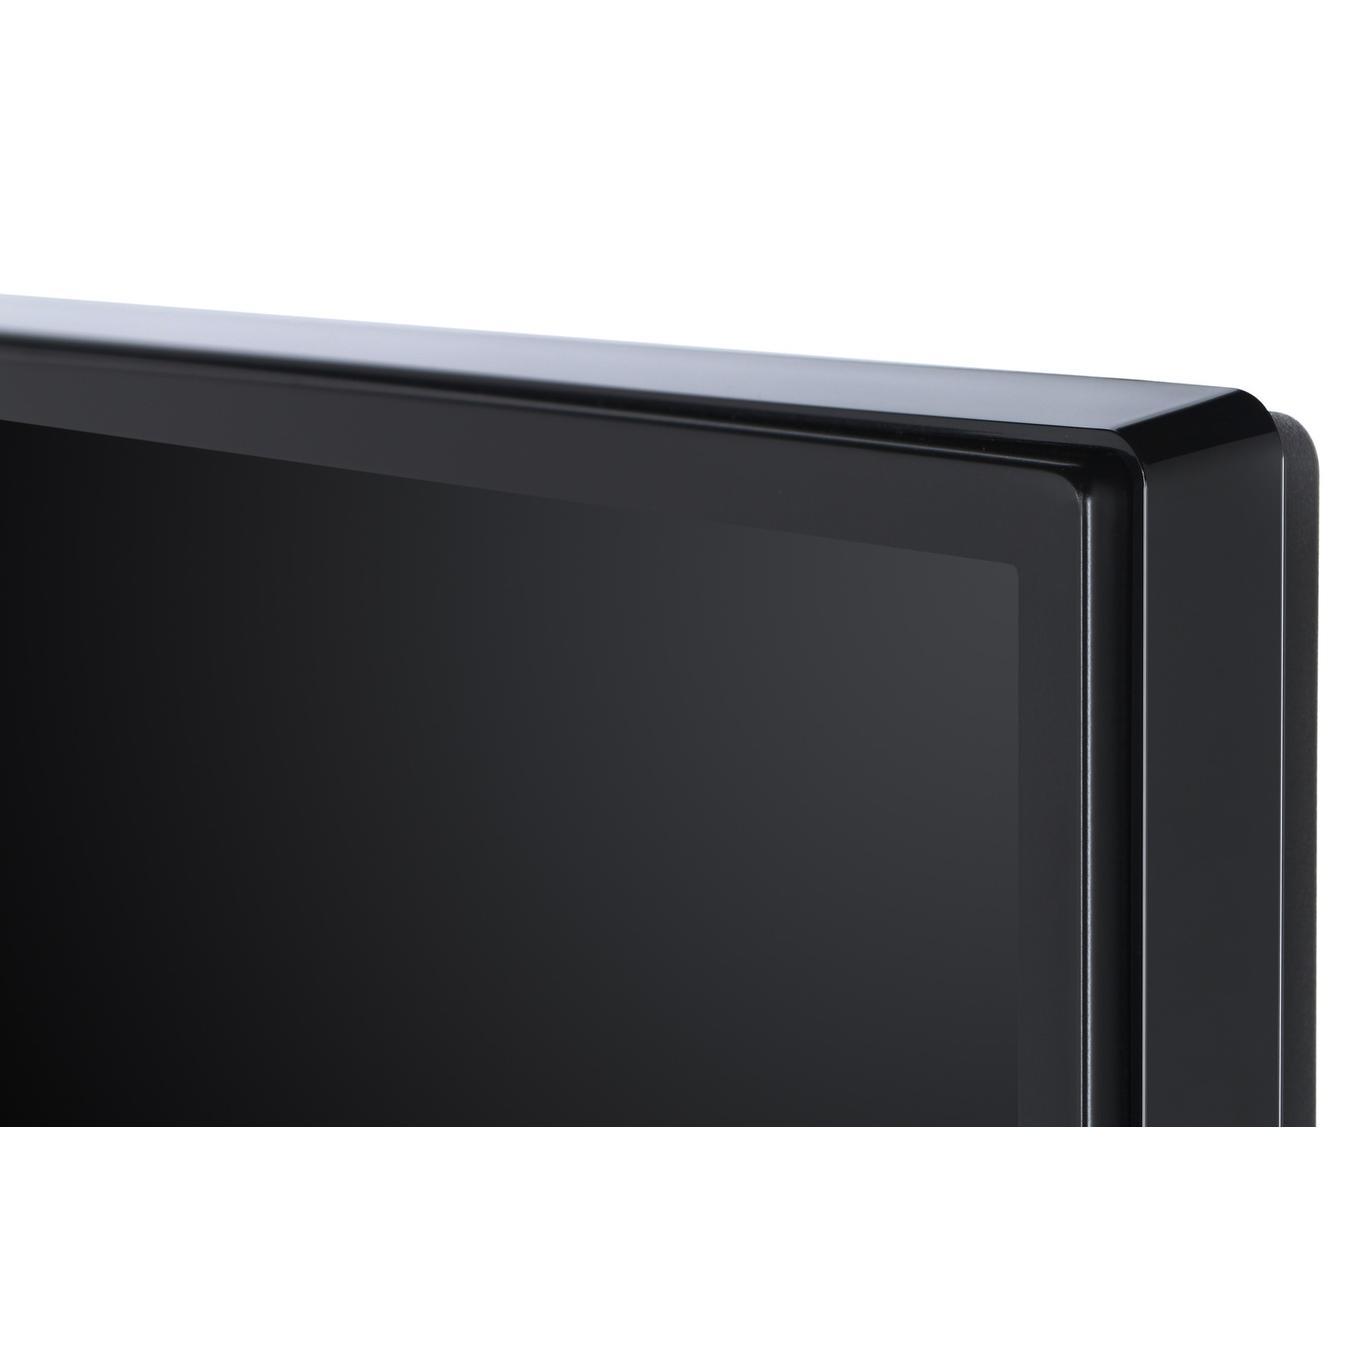 Panasonic - TX-48C320E LED 122 cm